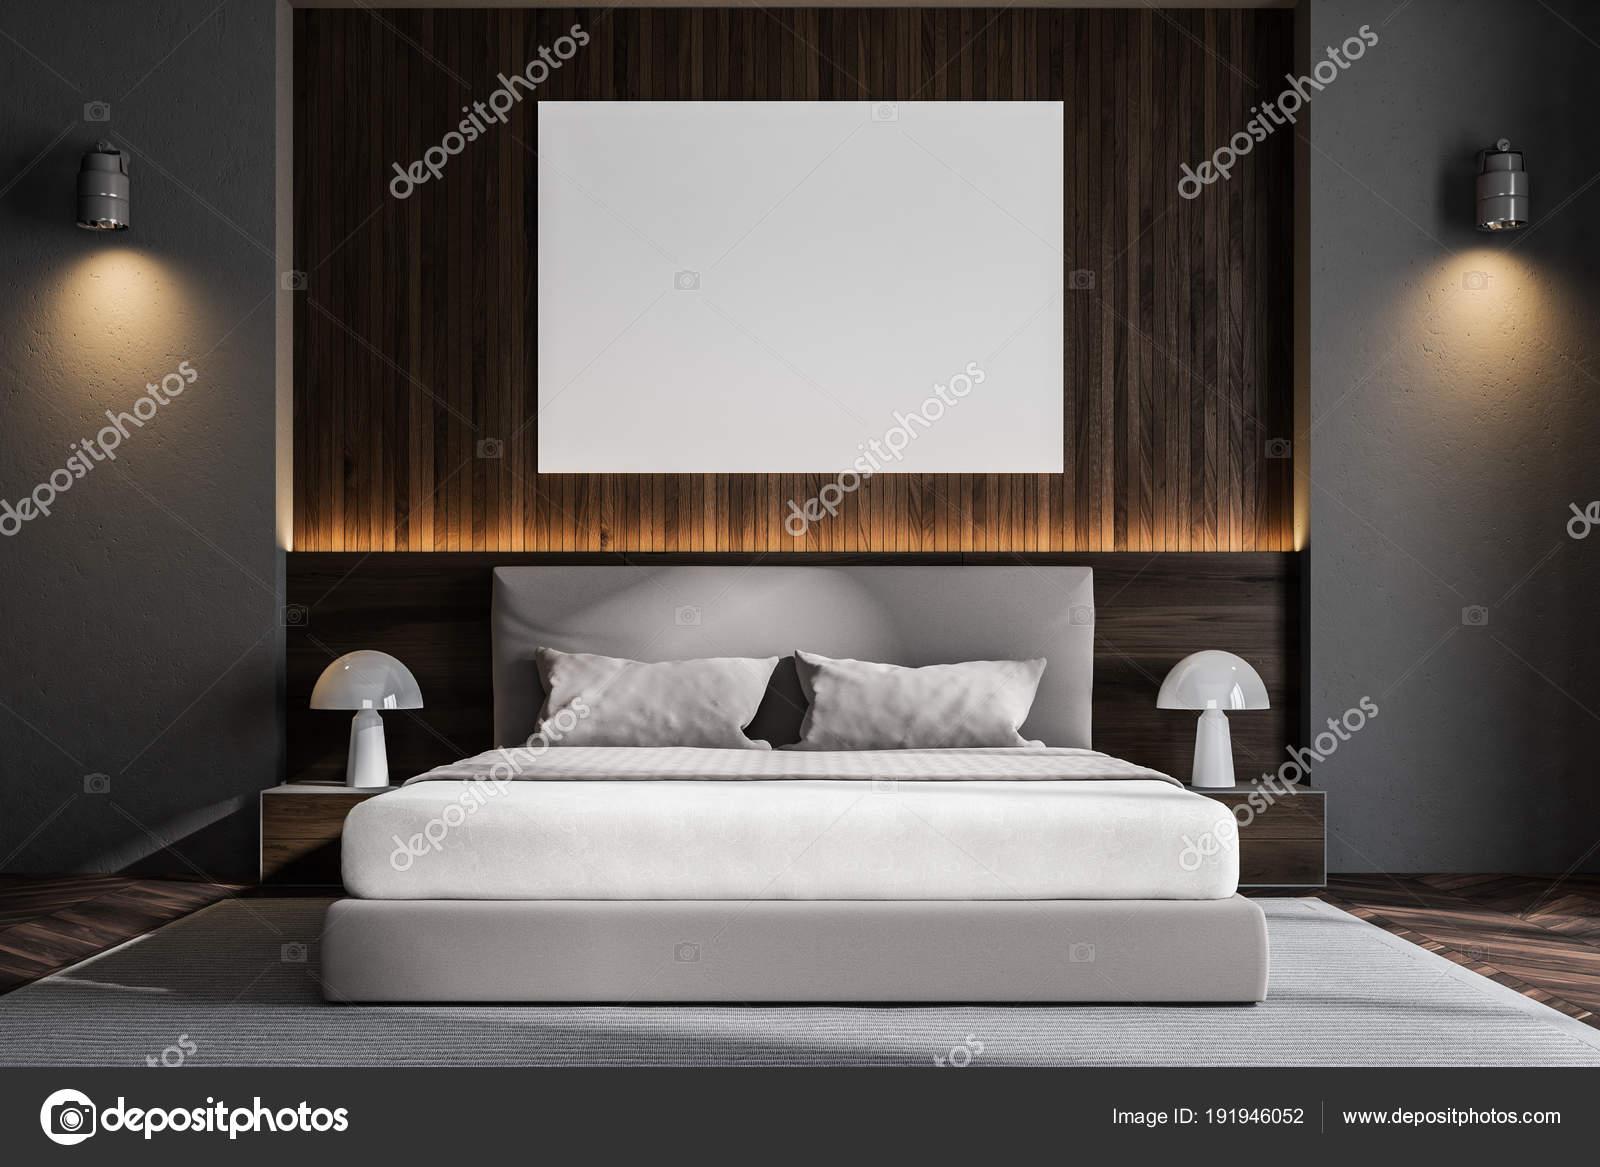 Camera da letto scandinavo di parete di legno scuro poster foto stock denisismagilov 191946052 - Poster camera da letto ...